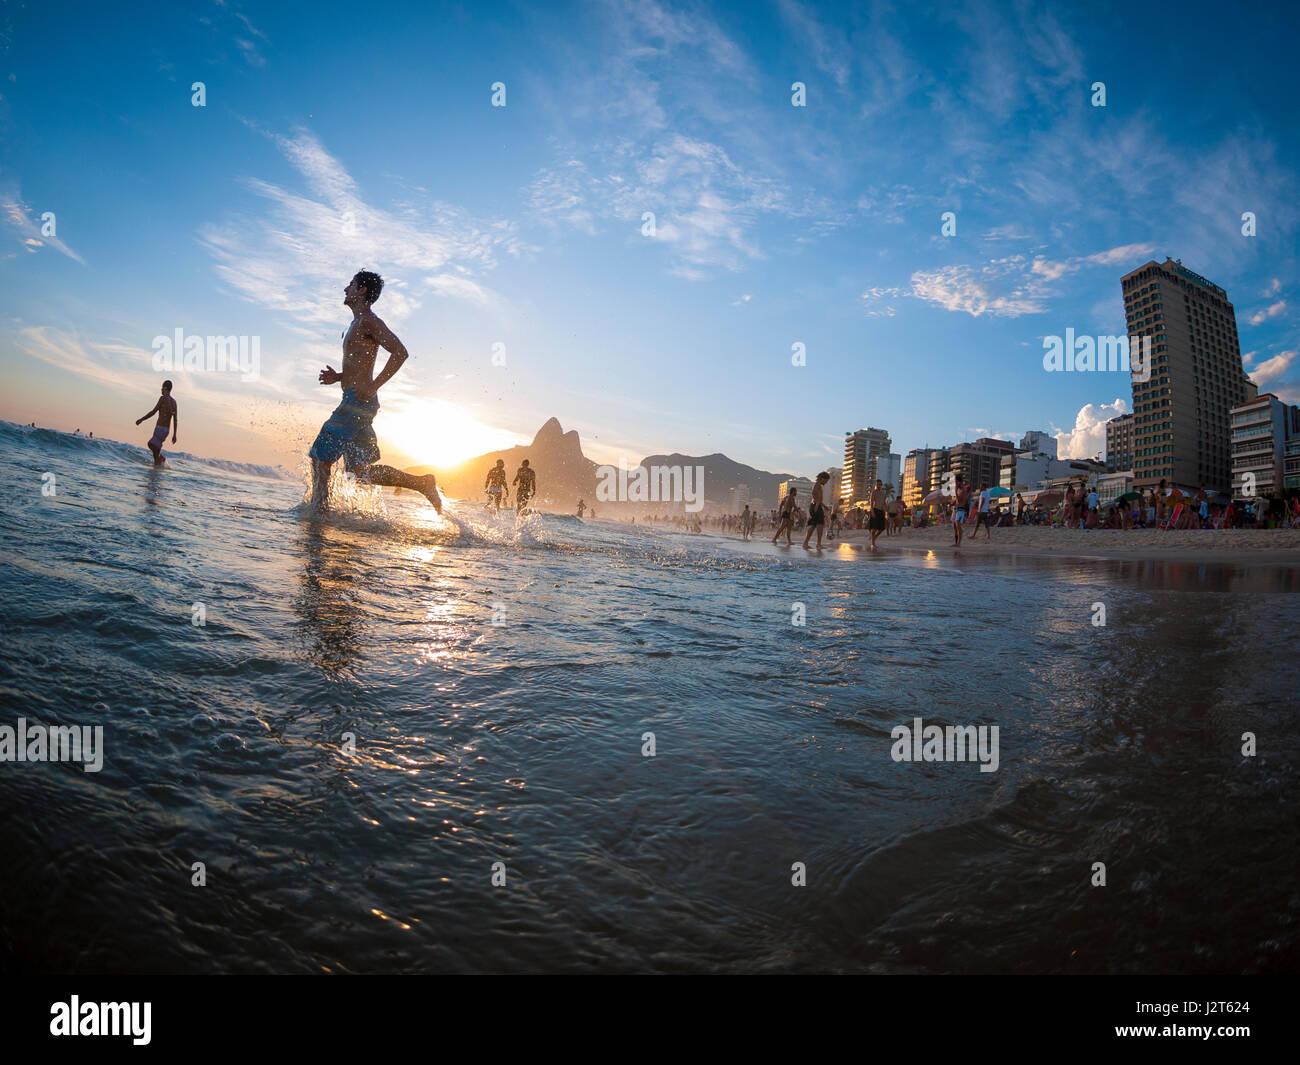 RIO DE JANEIRO - Febbraio 2, 2013: sagome passano davanti al tramonto sulla spiaggia di Ipanema Beach. Immagini Stock